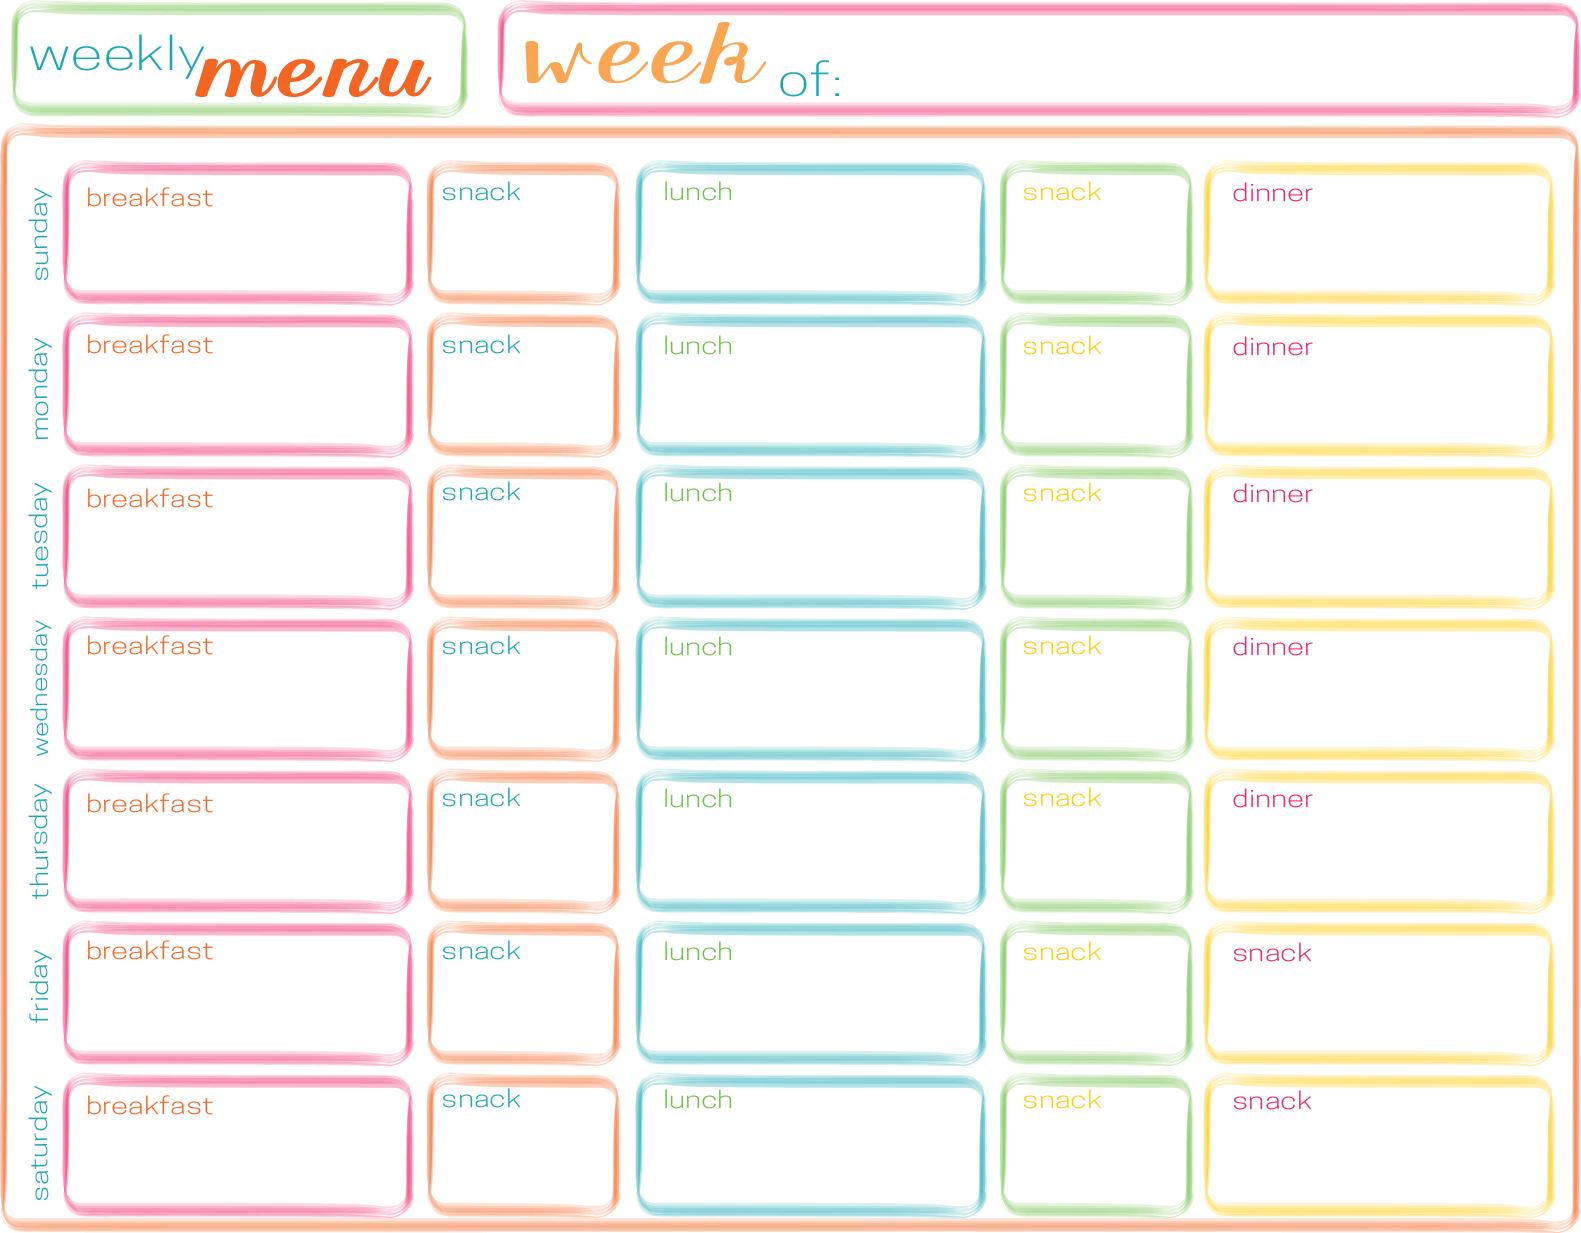 Menu - Blank Weekly Menu Planner Template, Printable Weekly Dinner ...